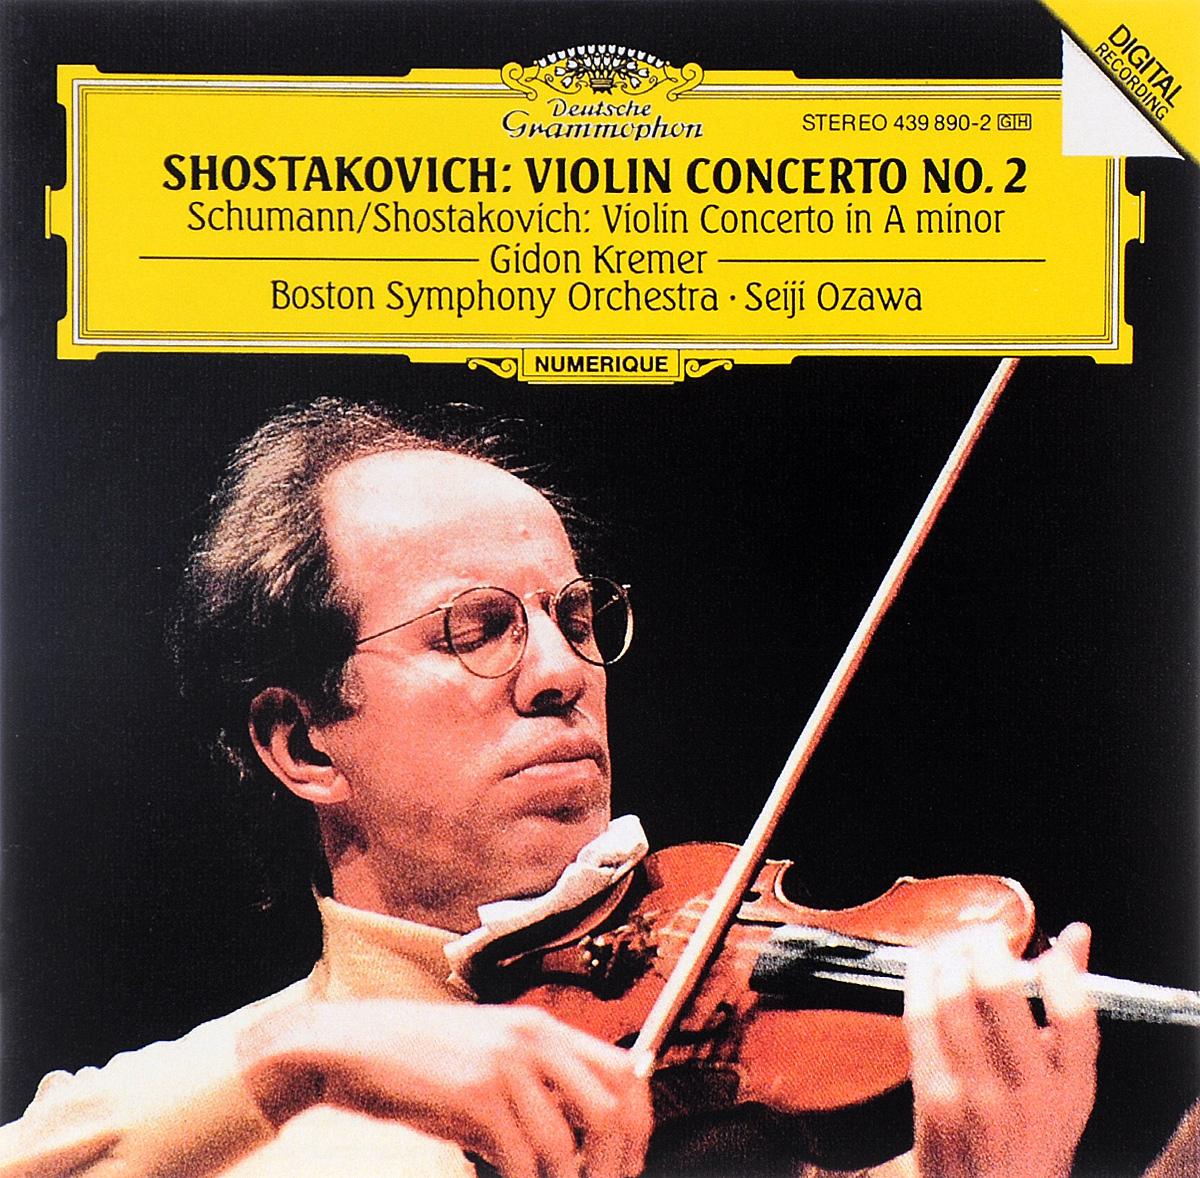 Boston Symphony Orchestra,Сейджи Озава Seiji Ozawa. Shostakovich. Concerto No. 2 Opus 129 / Schumann. Shostakovich. Concerto For Violin And Orchestra In A Minor